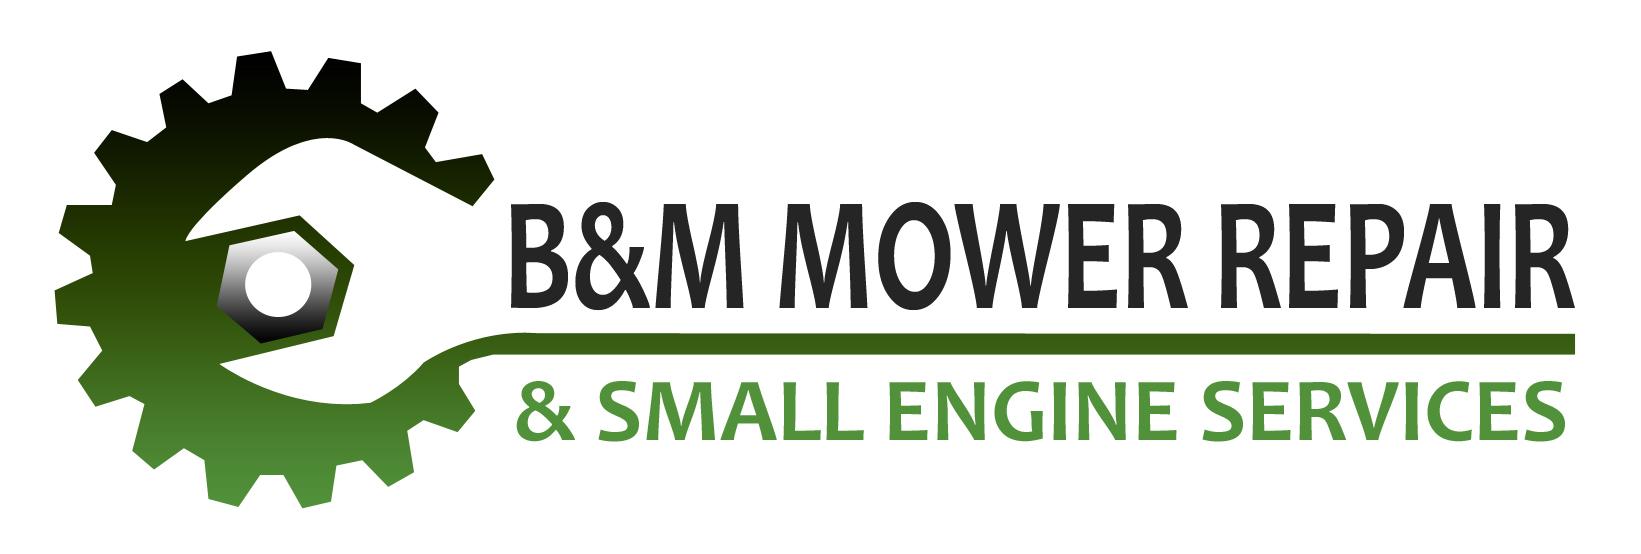 B & M Mower Repair